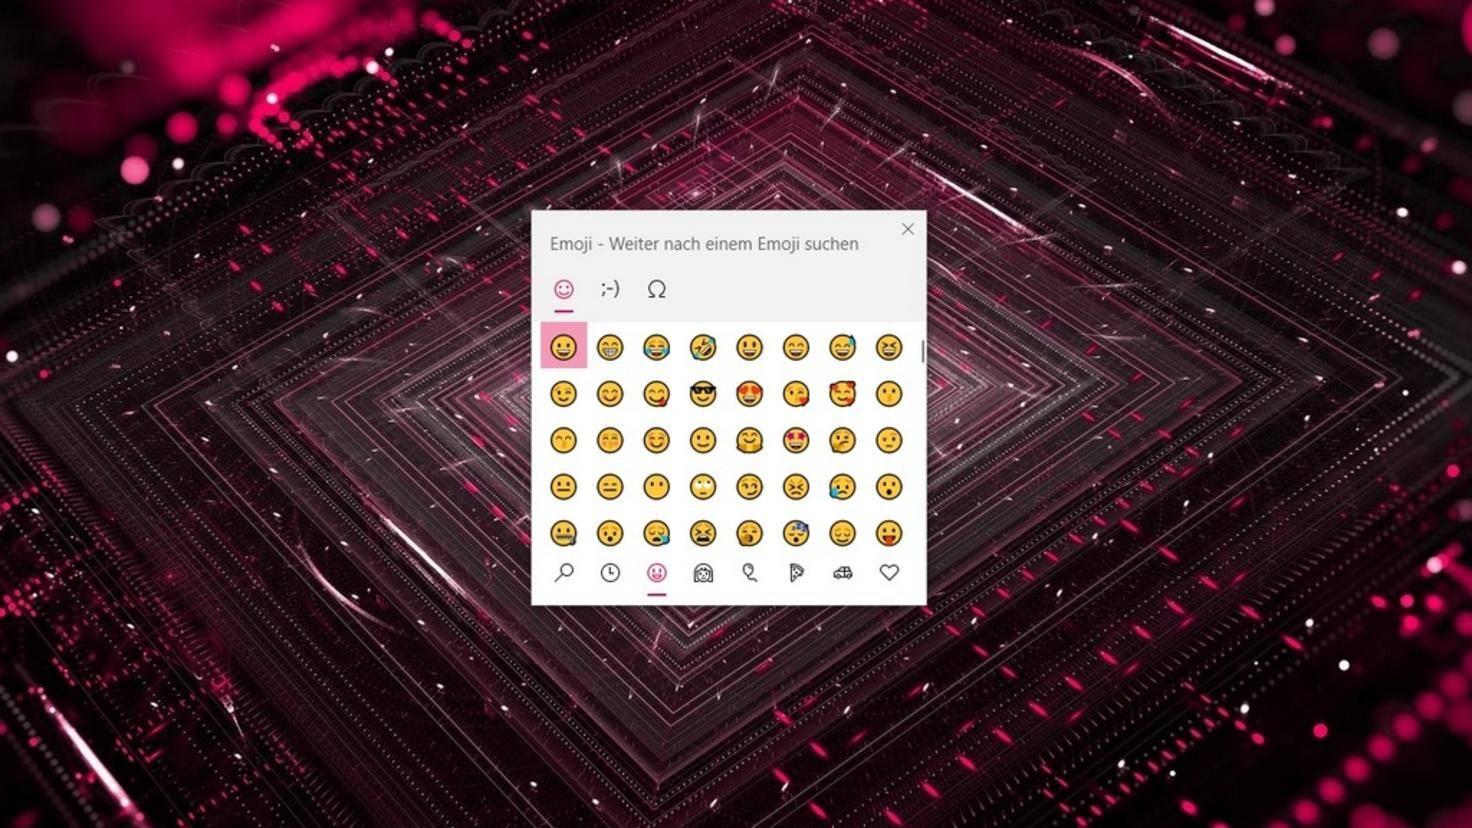 Clavier emoji Windows 10